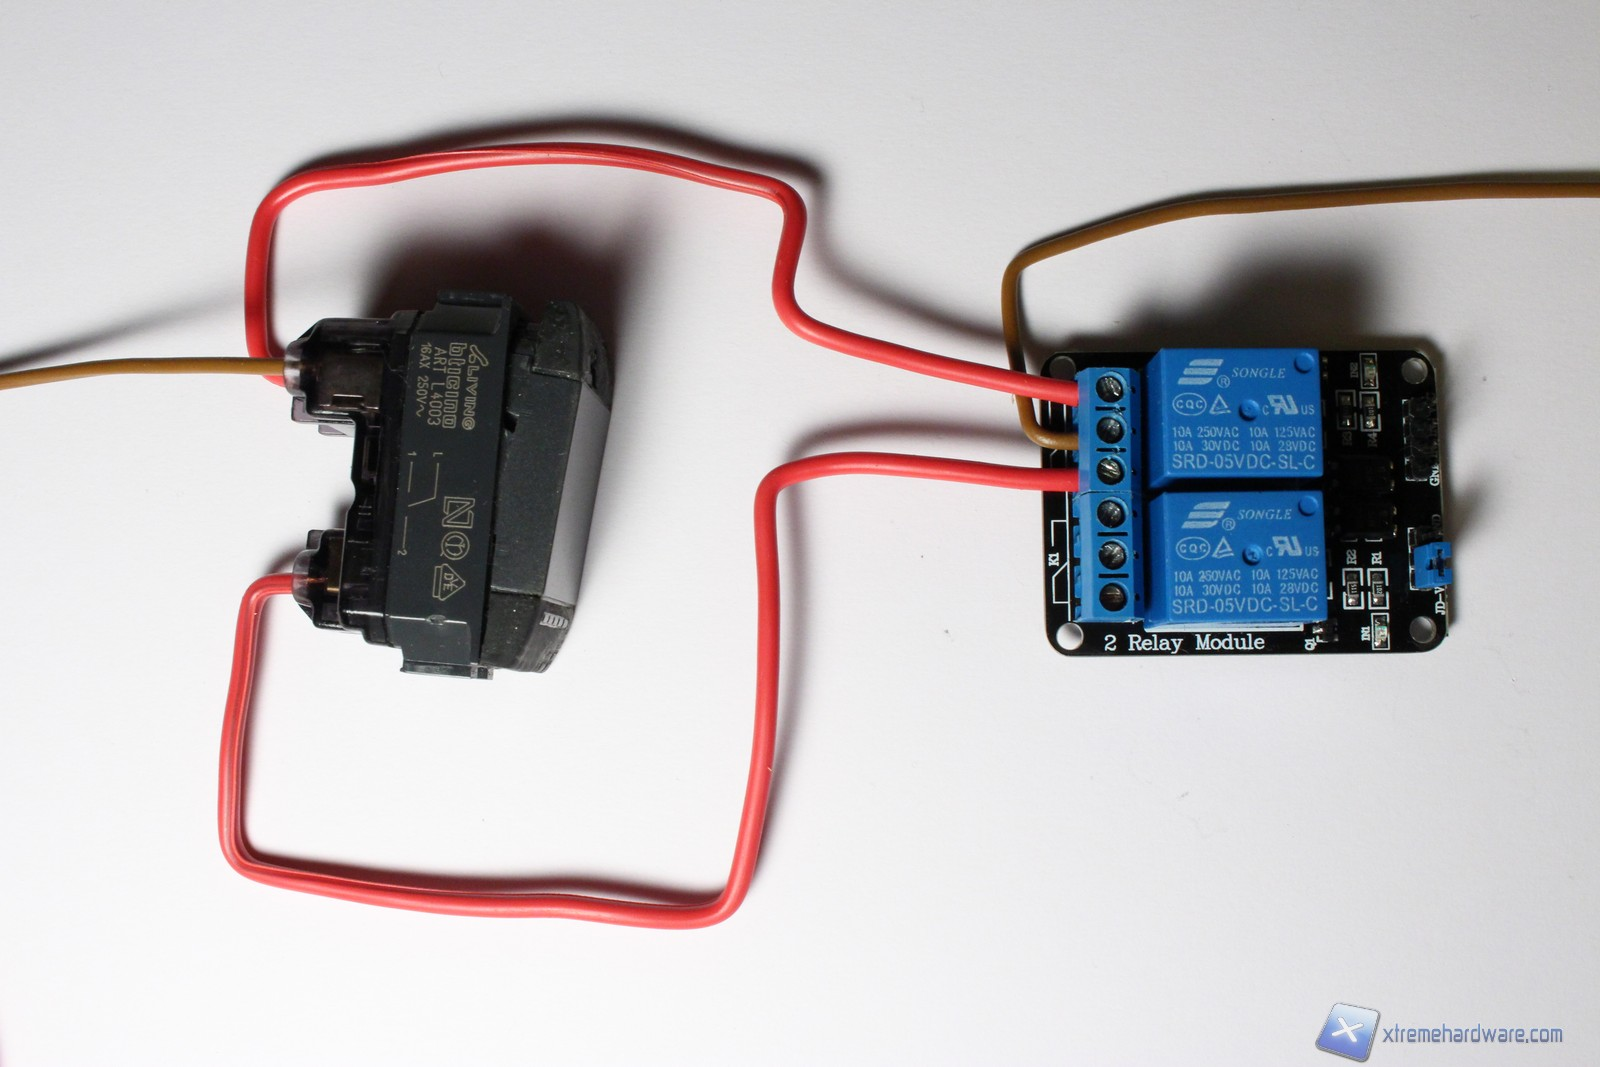 Schema Elettrico Lampada : Piccoli passi per una casa domotica con arduino controllo vocale